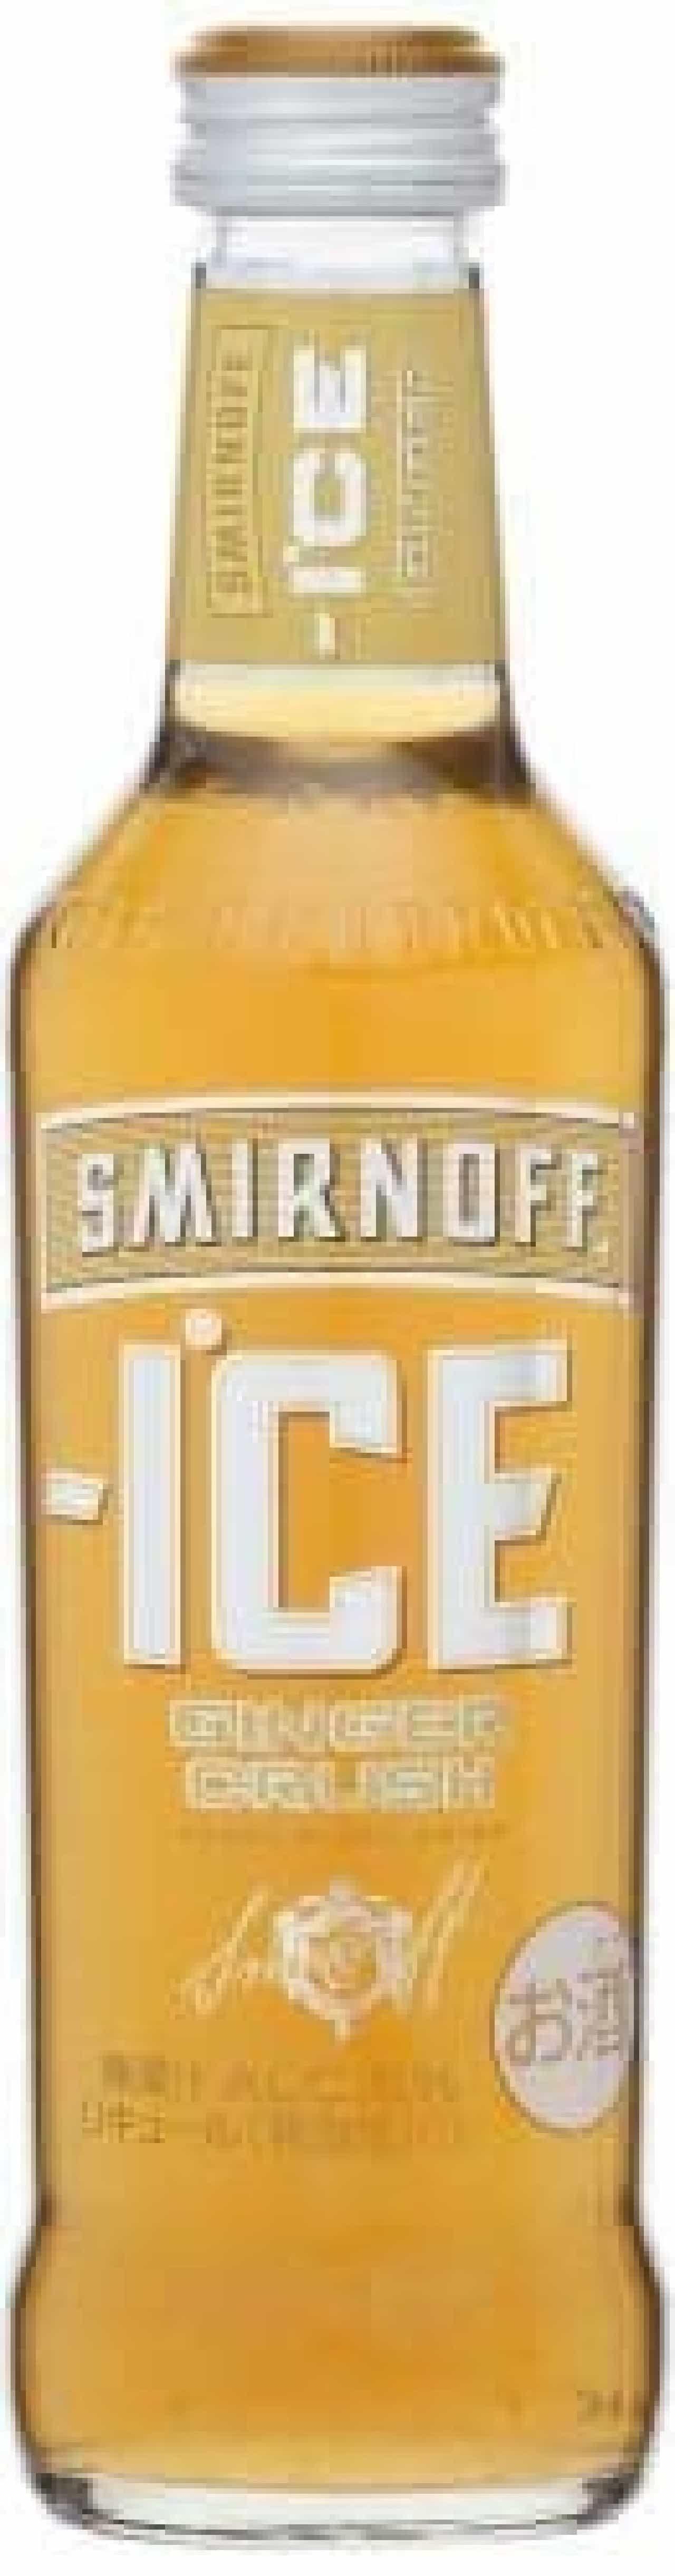 アルコール飲料「スミノフアイス ジンジャークラッシュ」